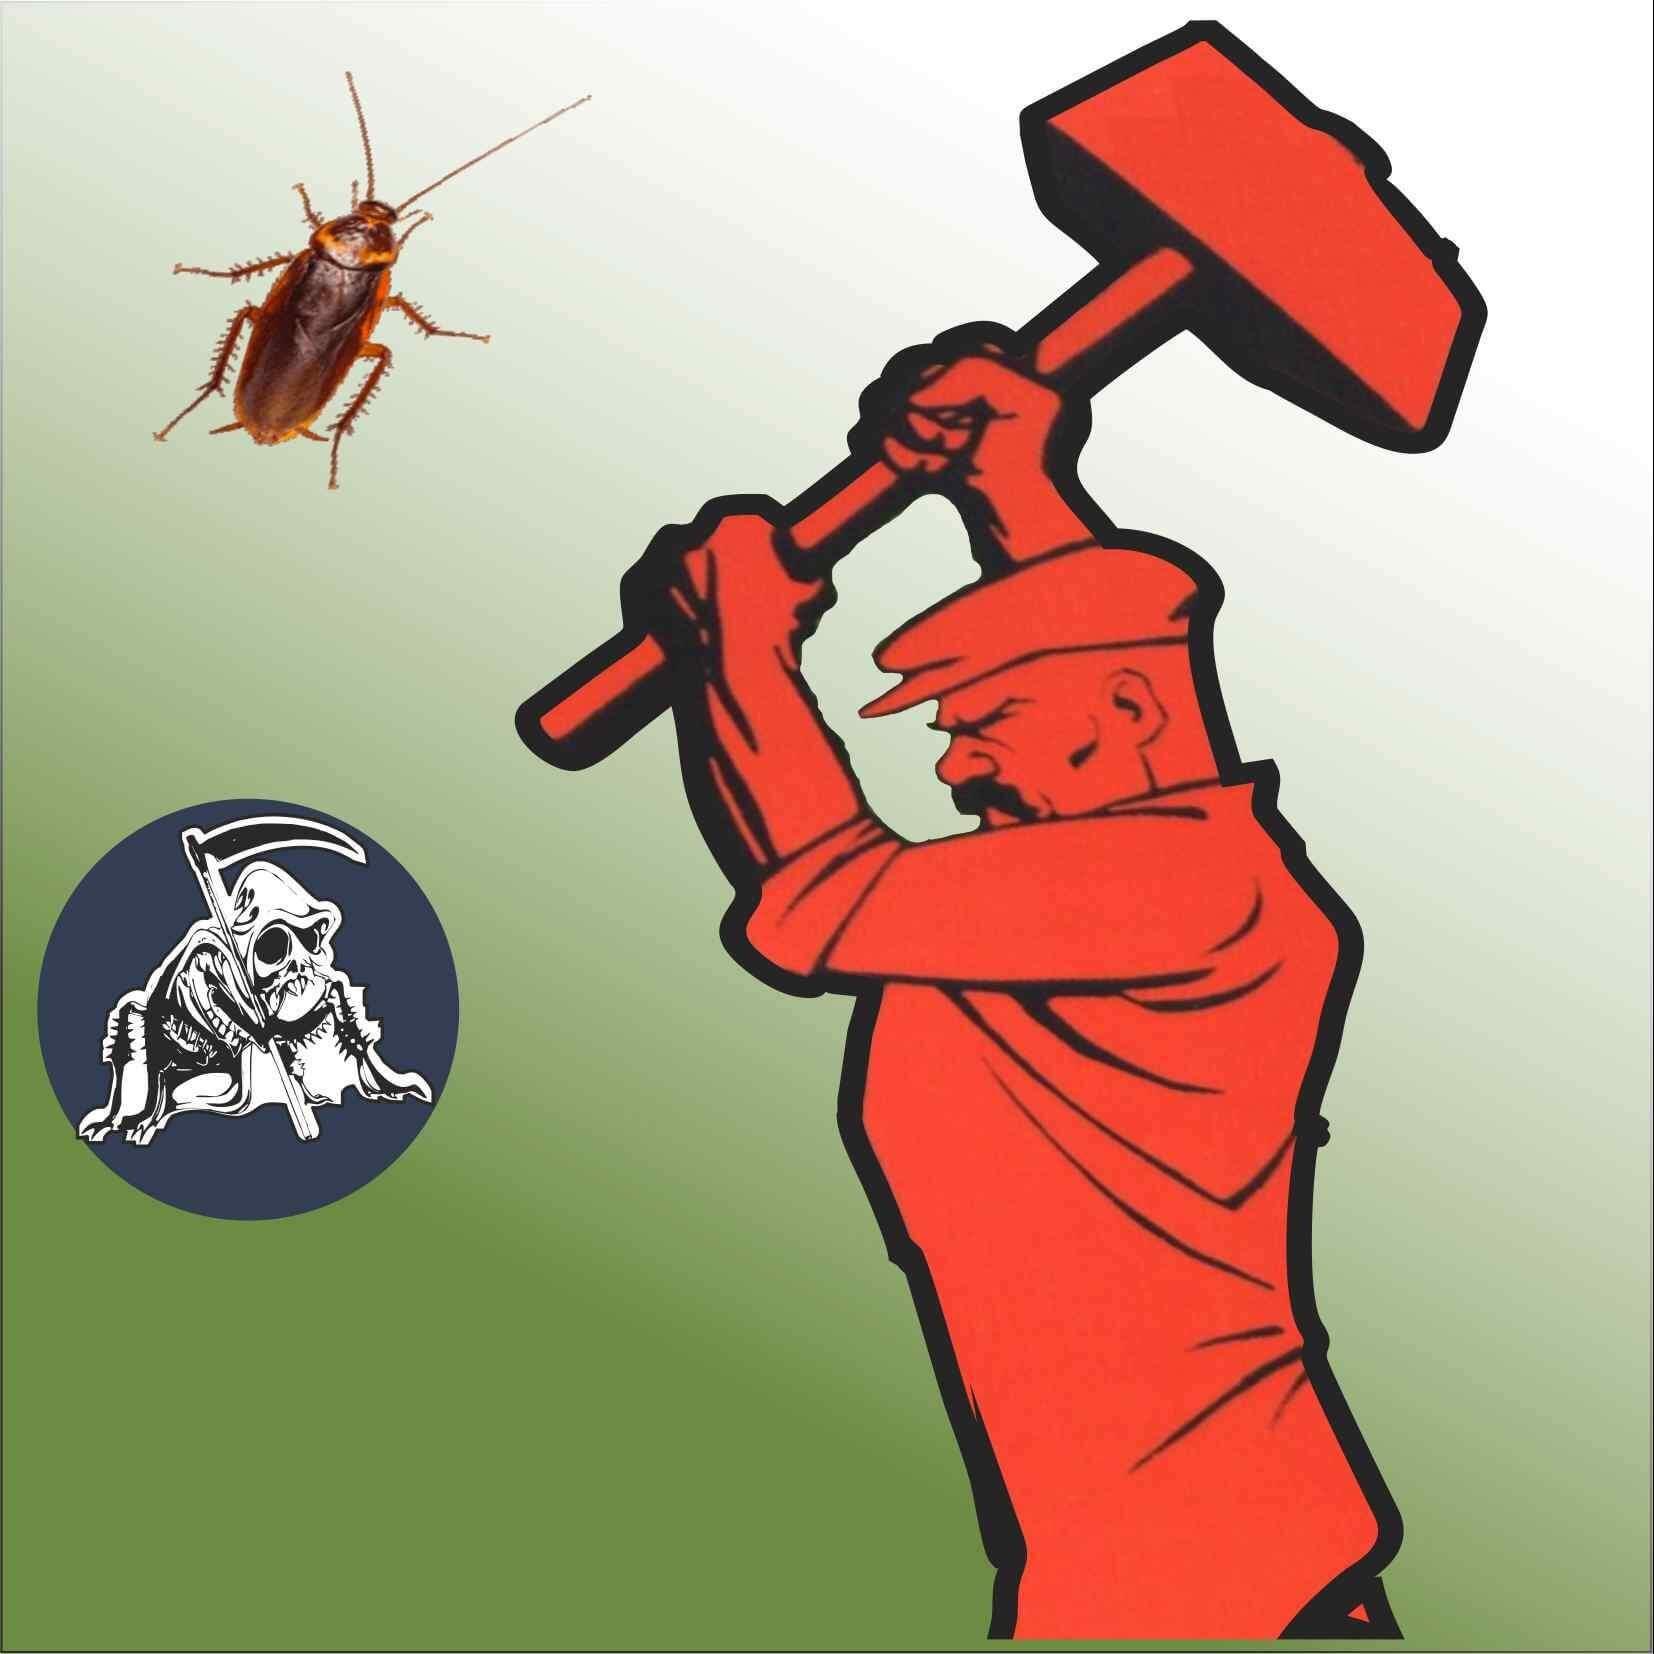 Самые эффективные из средств Дохлокс от тараканов: мгновенные яд, борная бомба